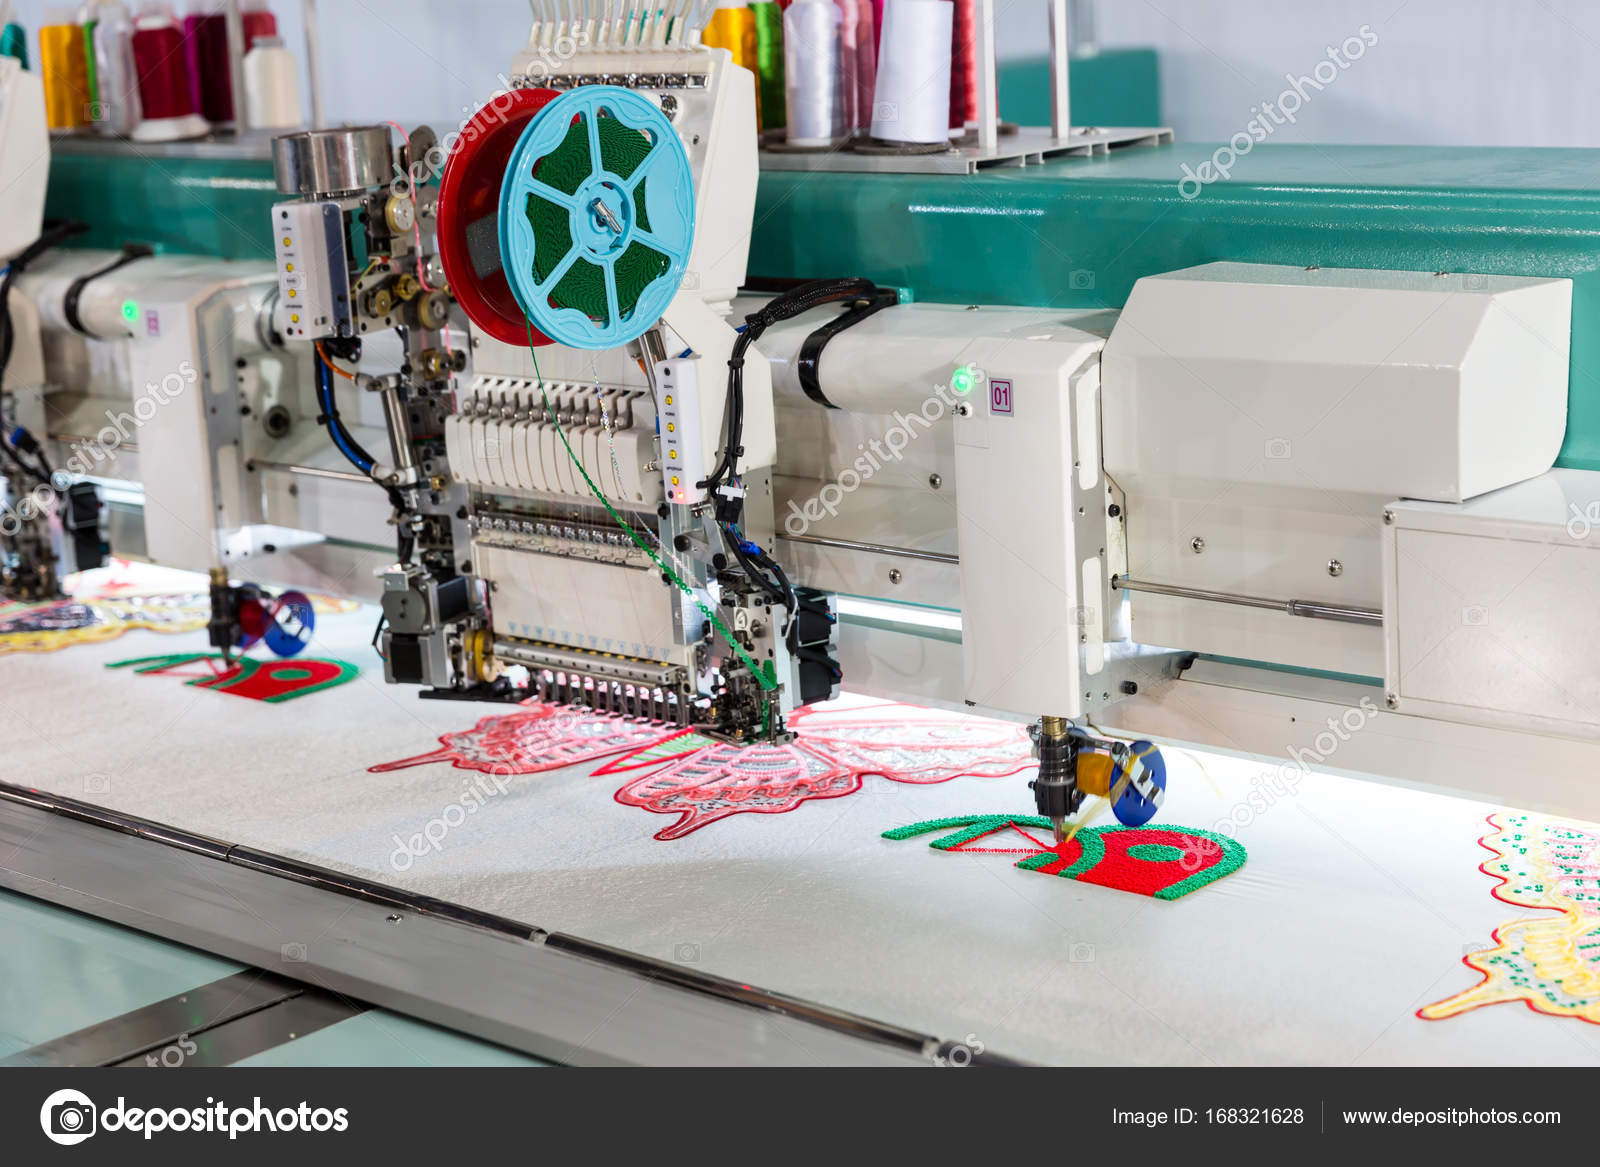 patron para bordar a máquina de coser que hace — Fotos de Stock ...